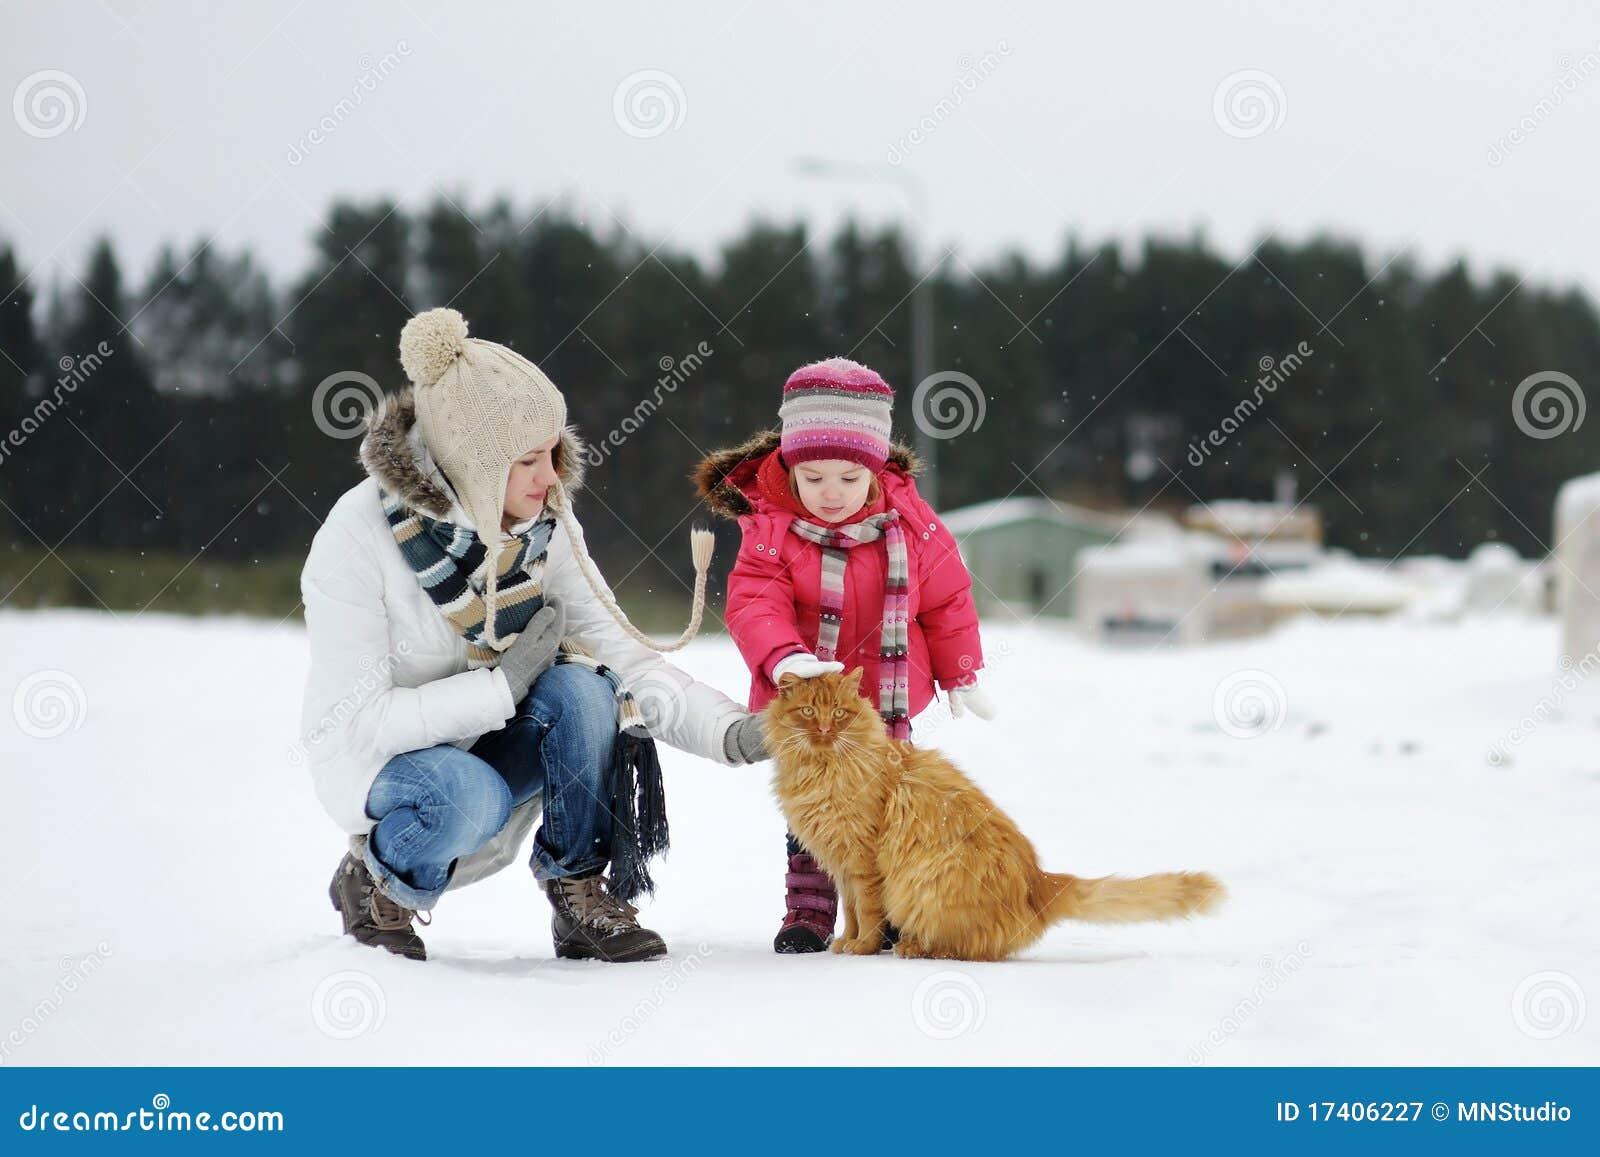 儿童冬季图片